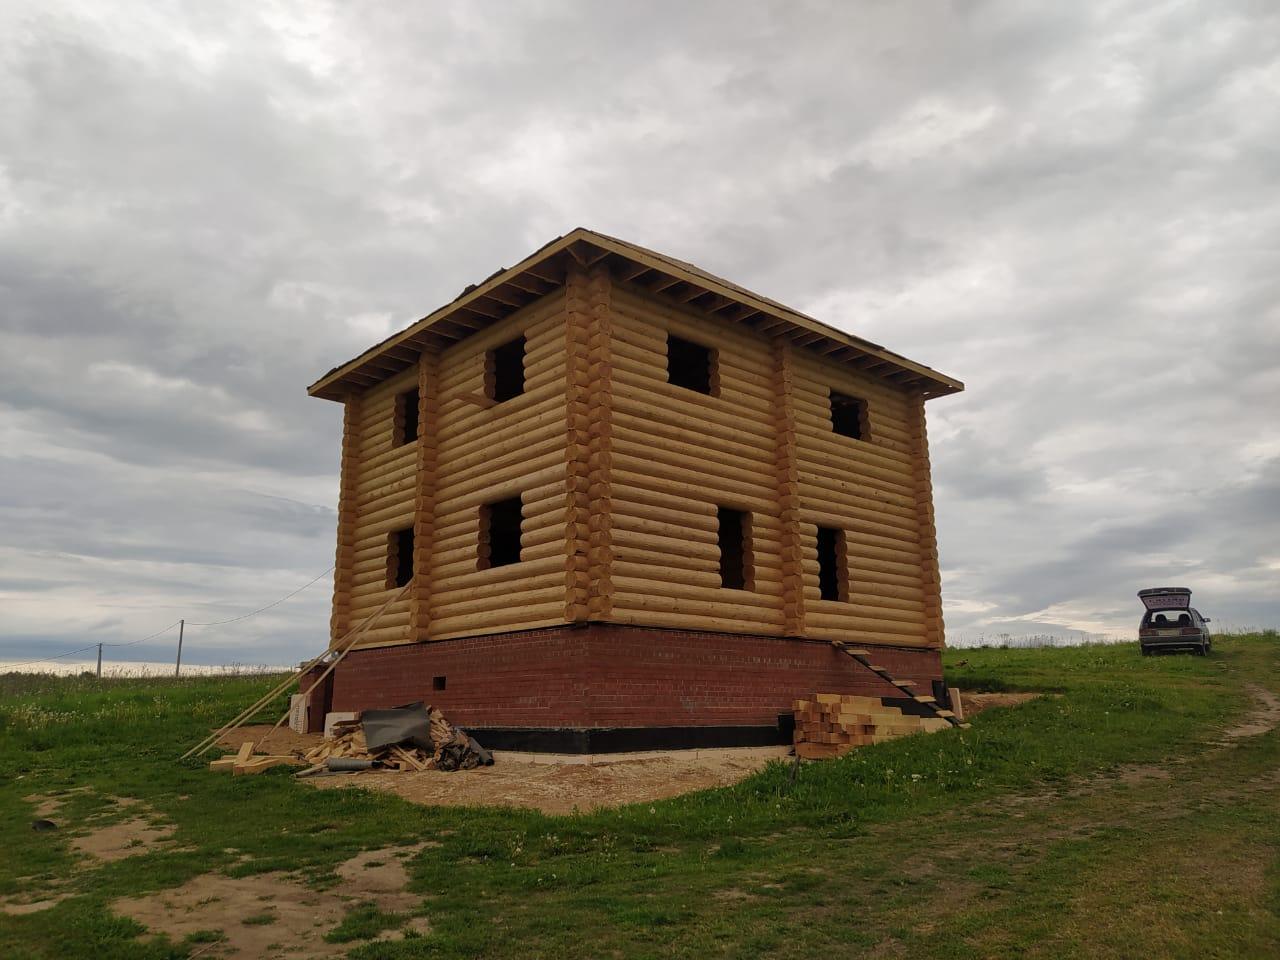 Двухэтажный дом из остроганного бревна 260-280 мм. в Тверской области